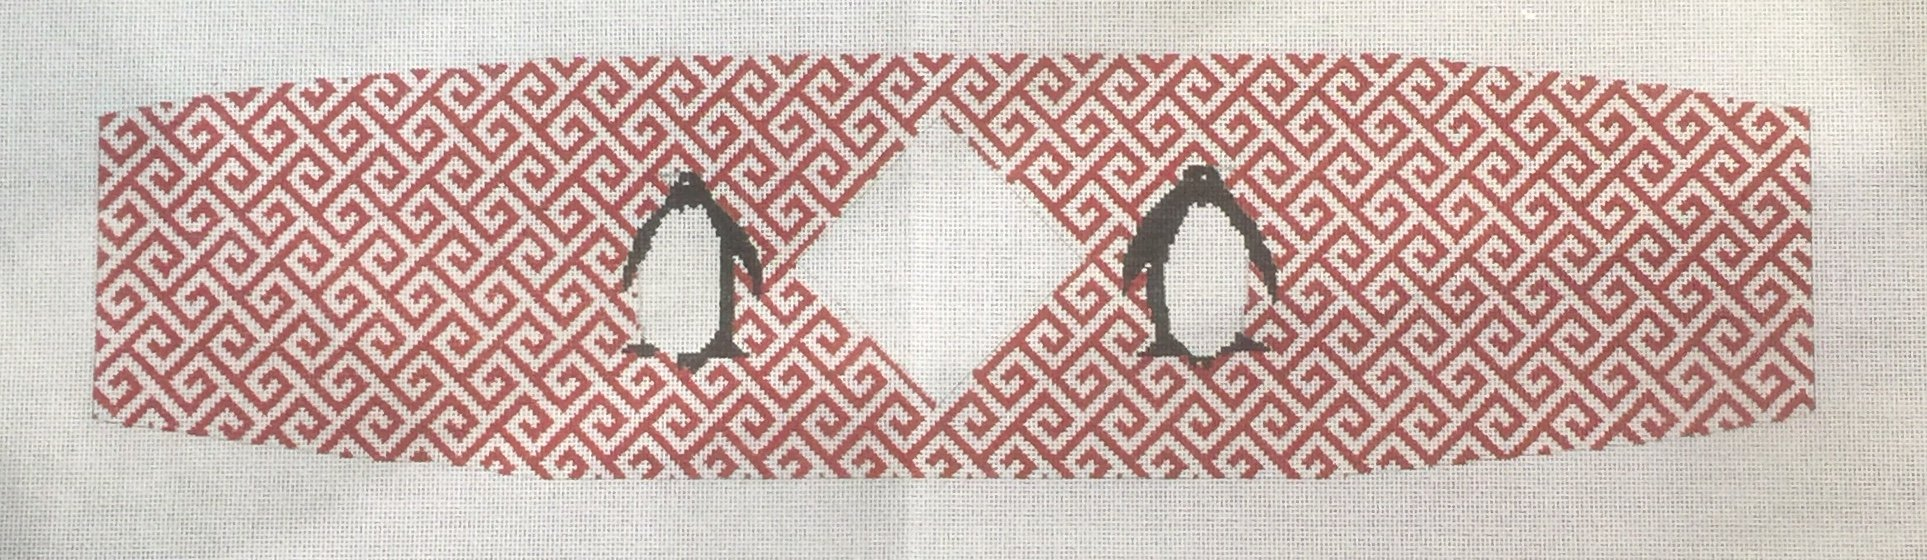 Cummerbund - Penguins with Fretwork with monogram